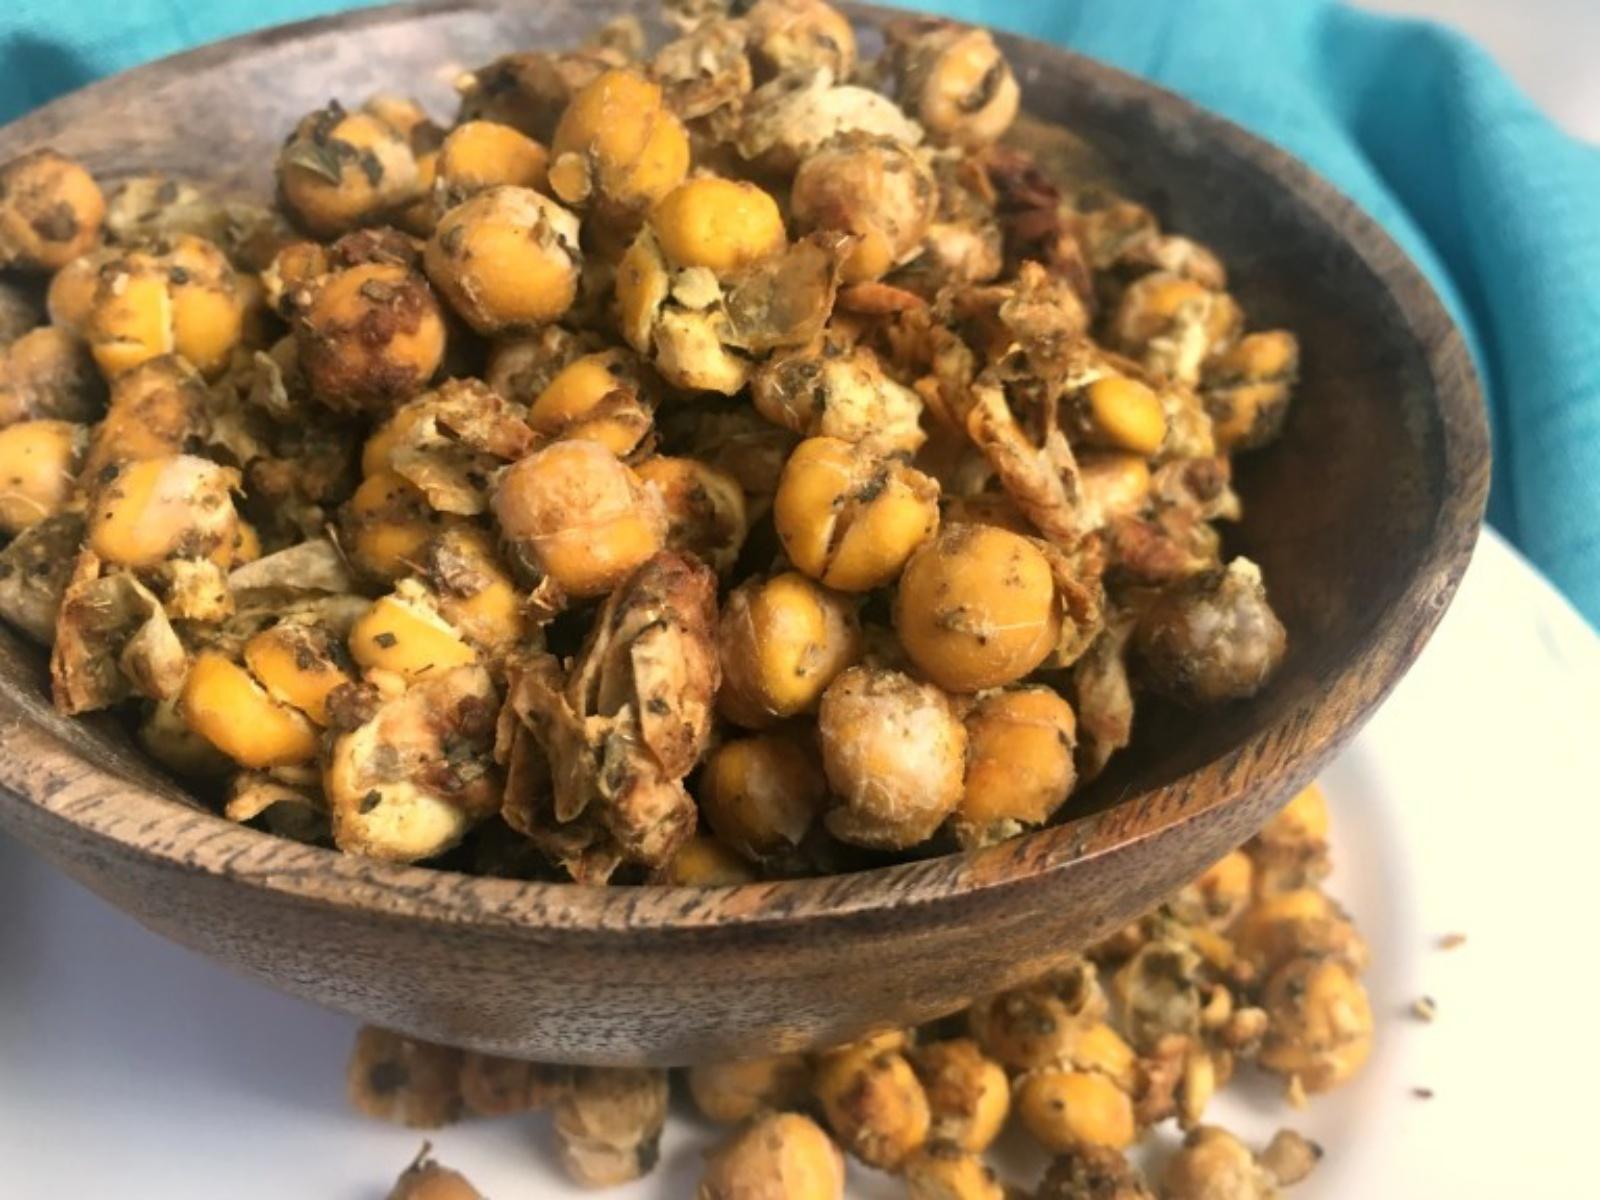 Herb Roasted Chickpeas